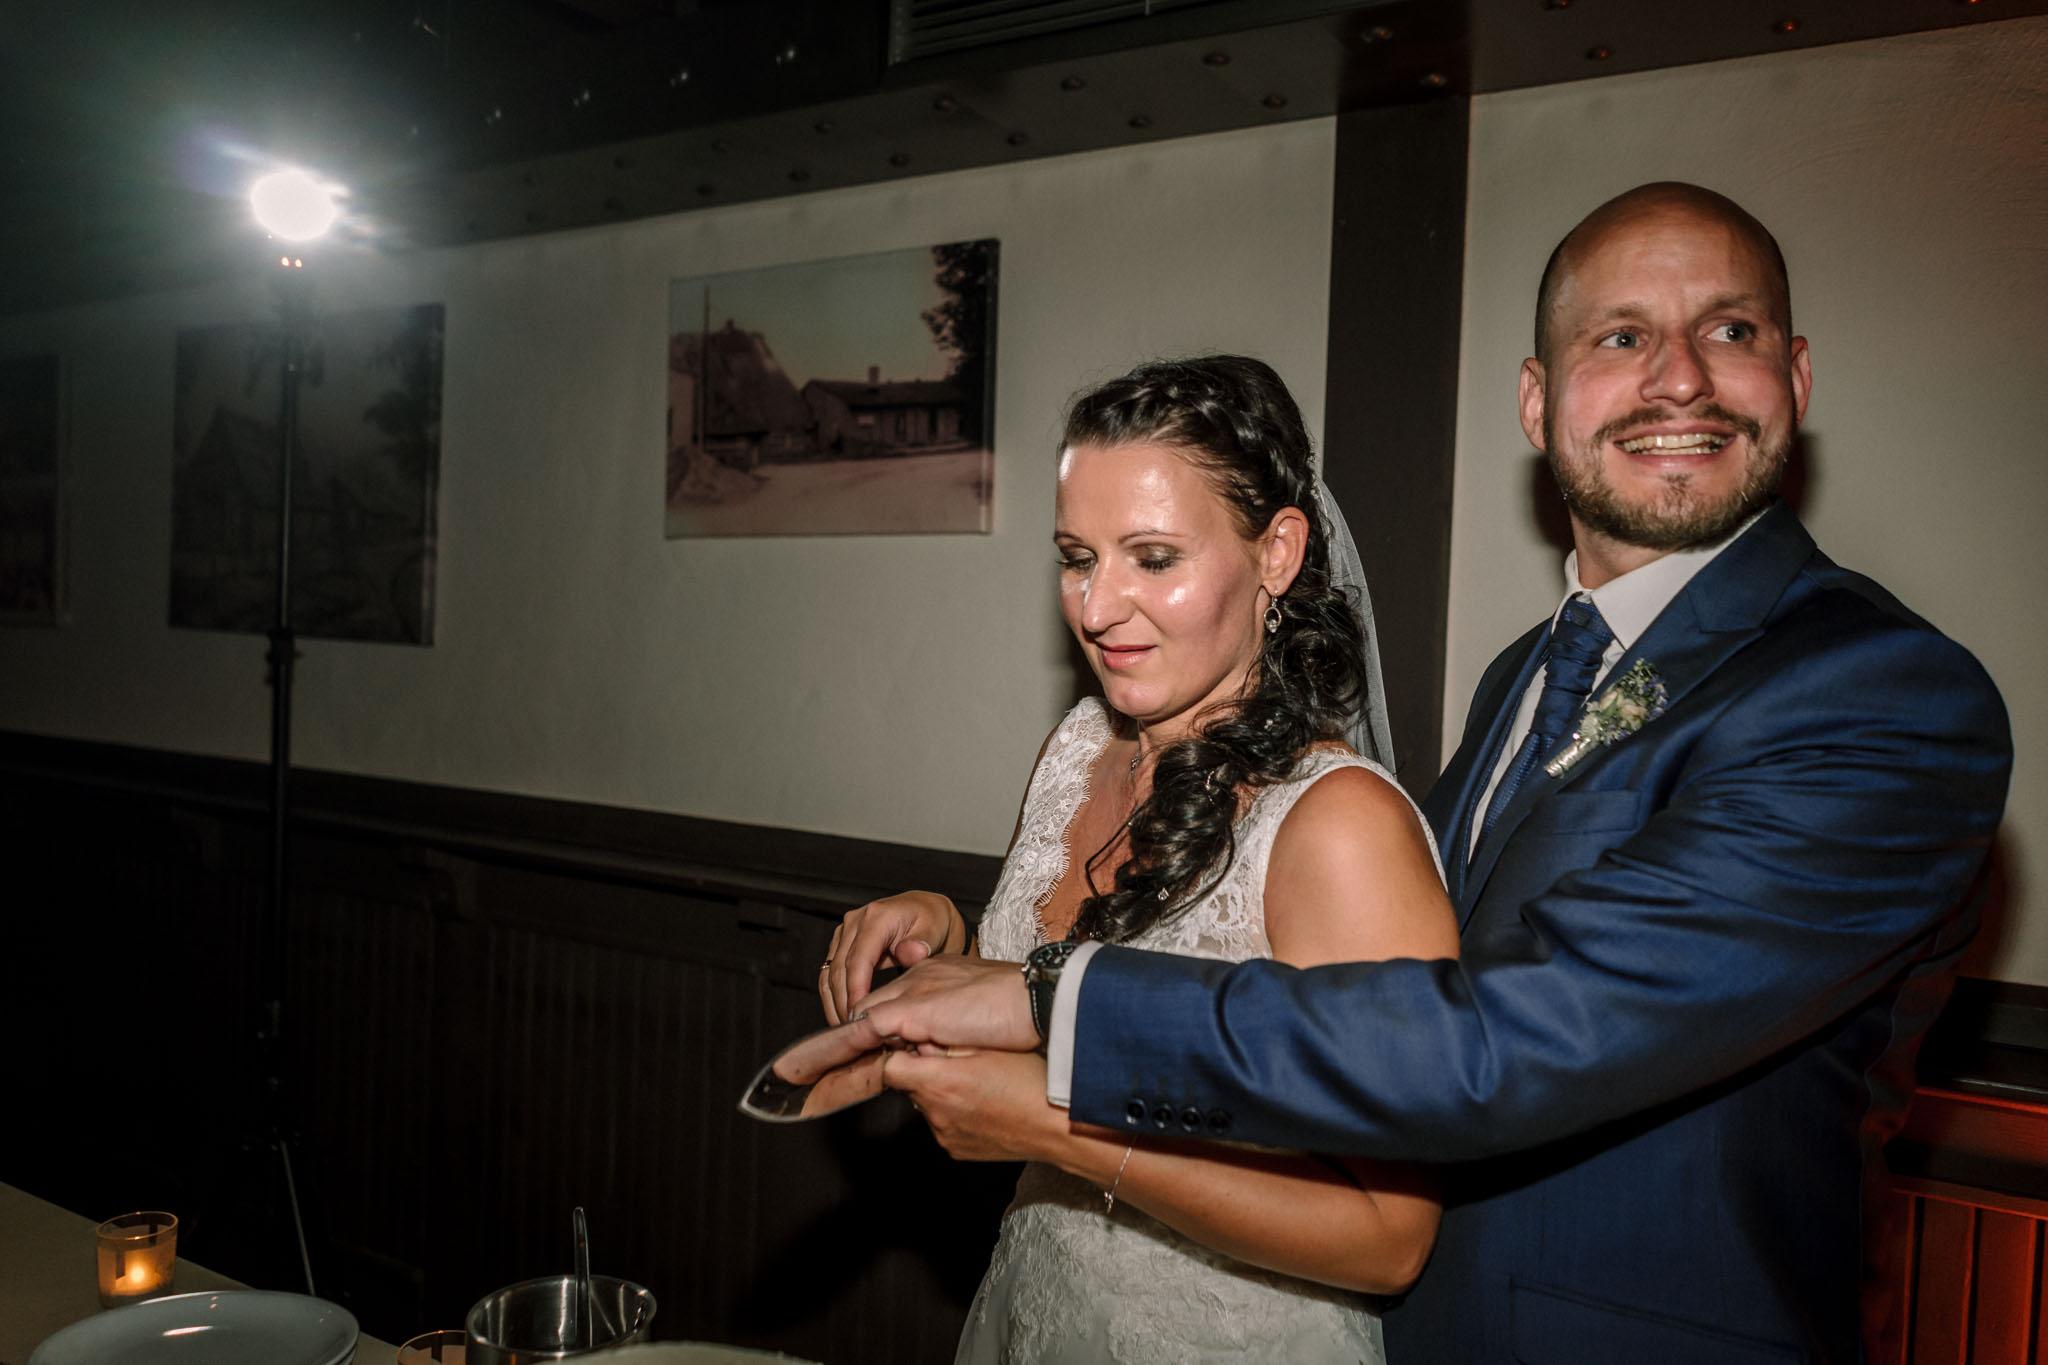 Hochzeitsfieber by Photo-Schomburg, Hochzeitsfotograf, Hamburg,Hochzeitstag, Hochzeitspaar, Braut, Bräutigam, Literaturhauscafe Zarrentin-108